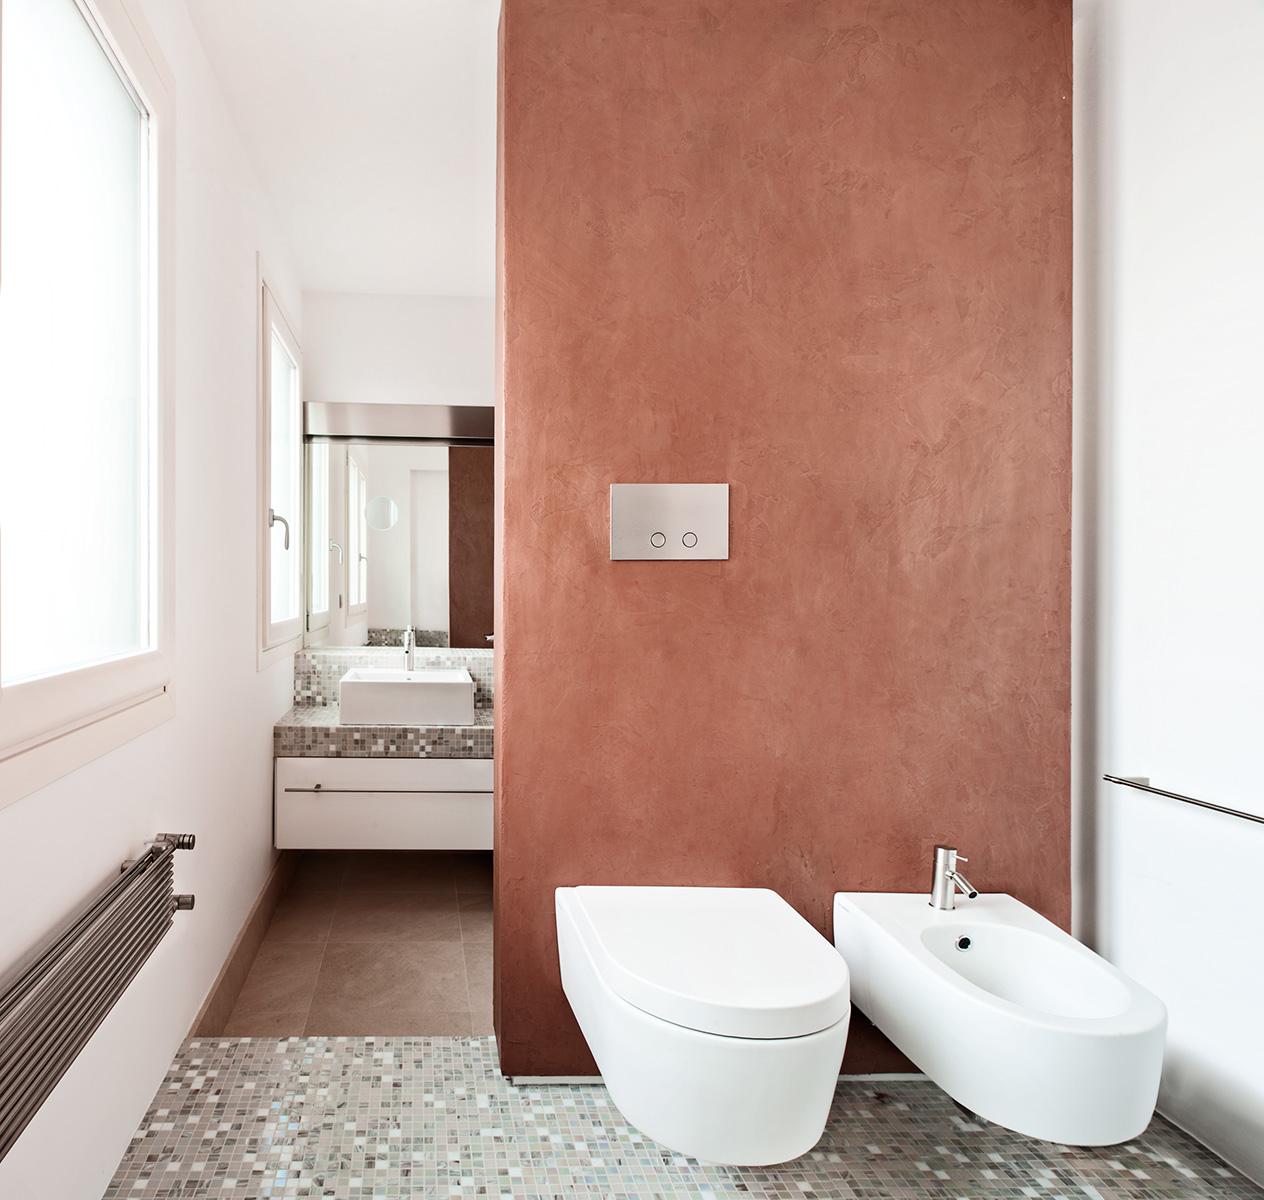 Lozzi realizza per il progetto residenziale degli Architetti Bramani e Selva